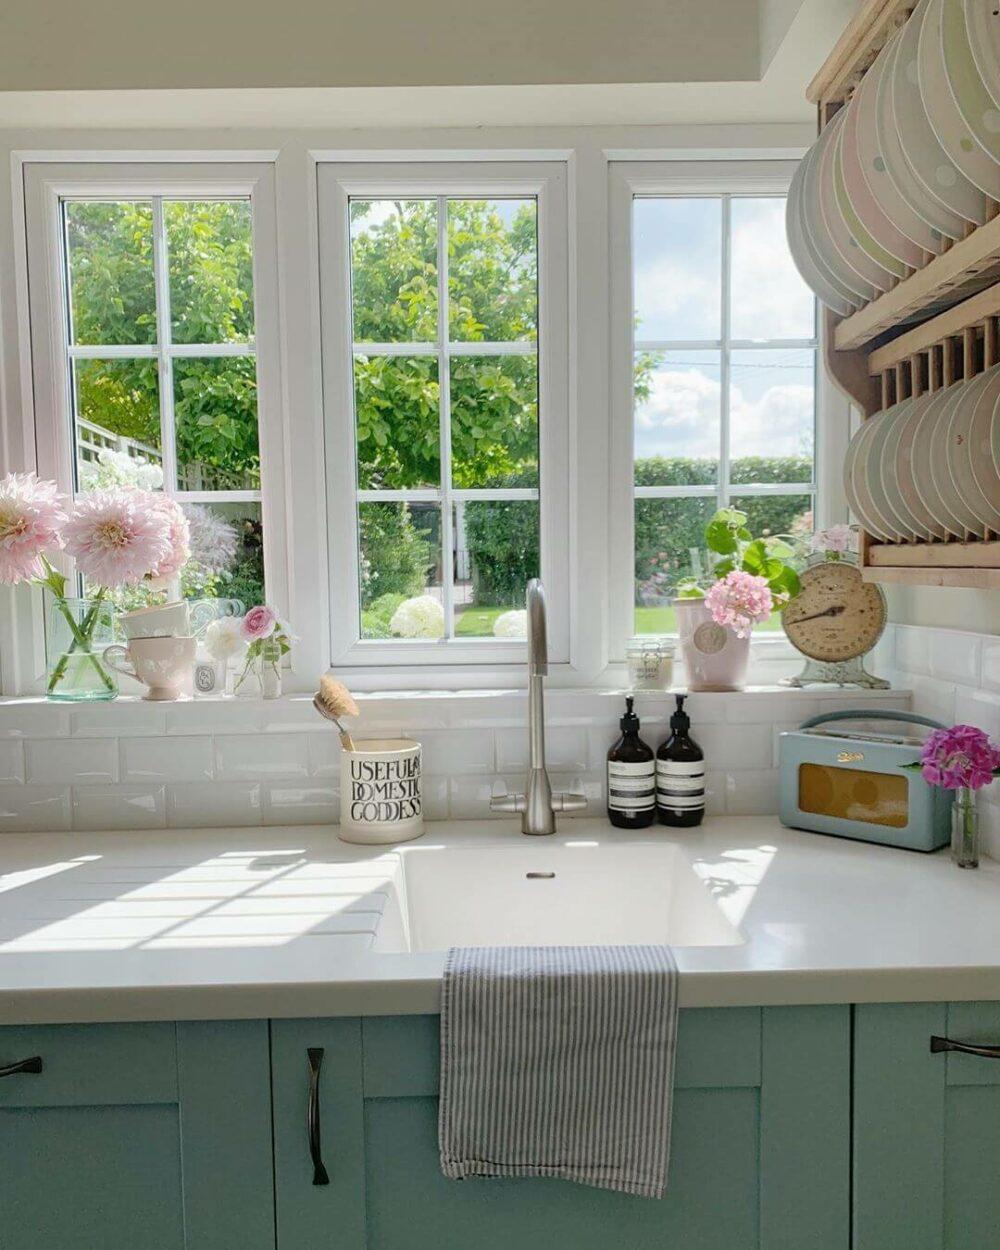 kitchen sink ideas with window